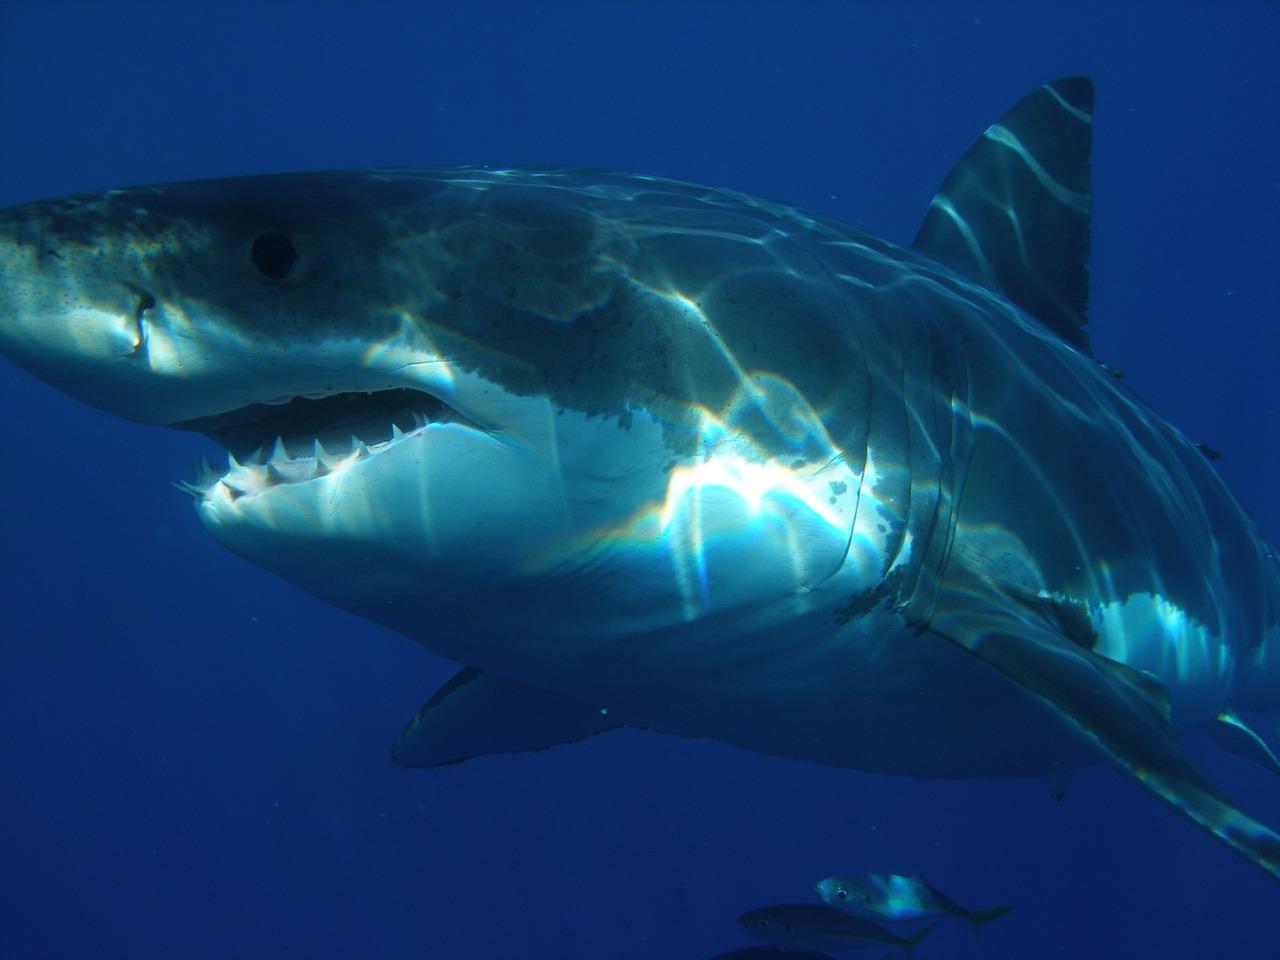 Porodica na odmoru iz horor filmova – okružena najvećim morskim predatorom!